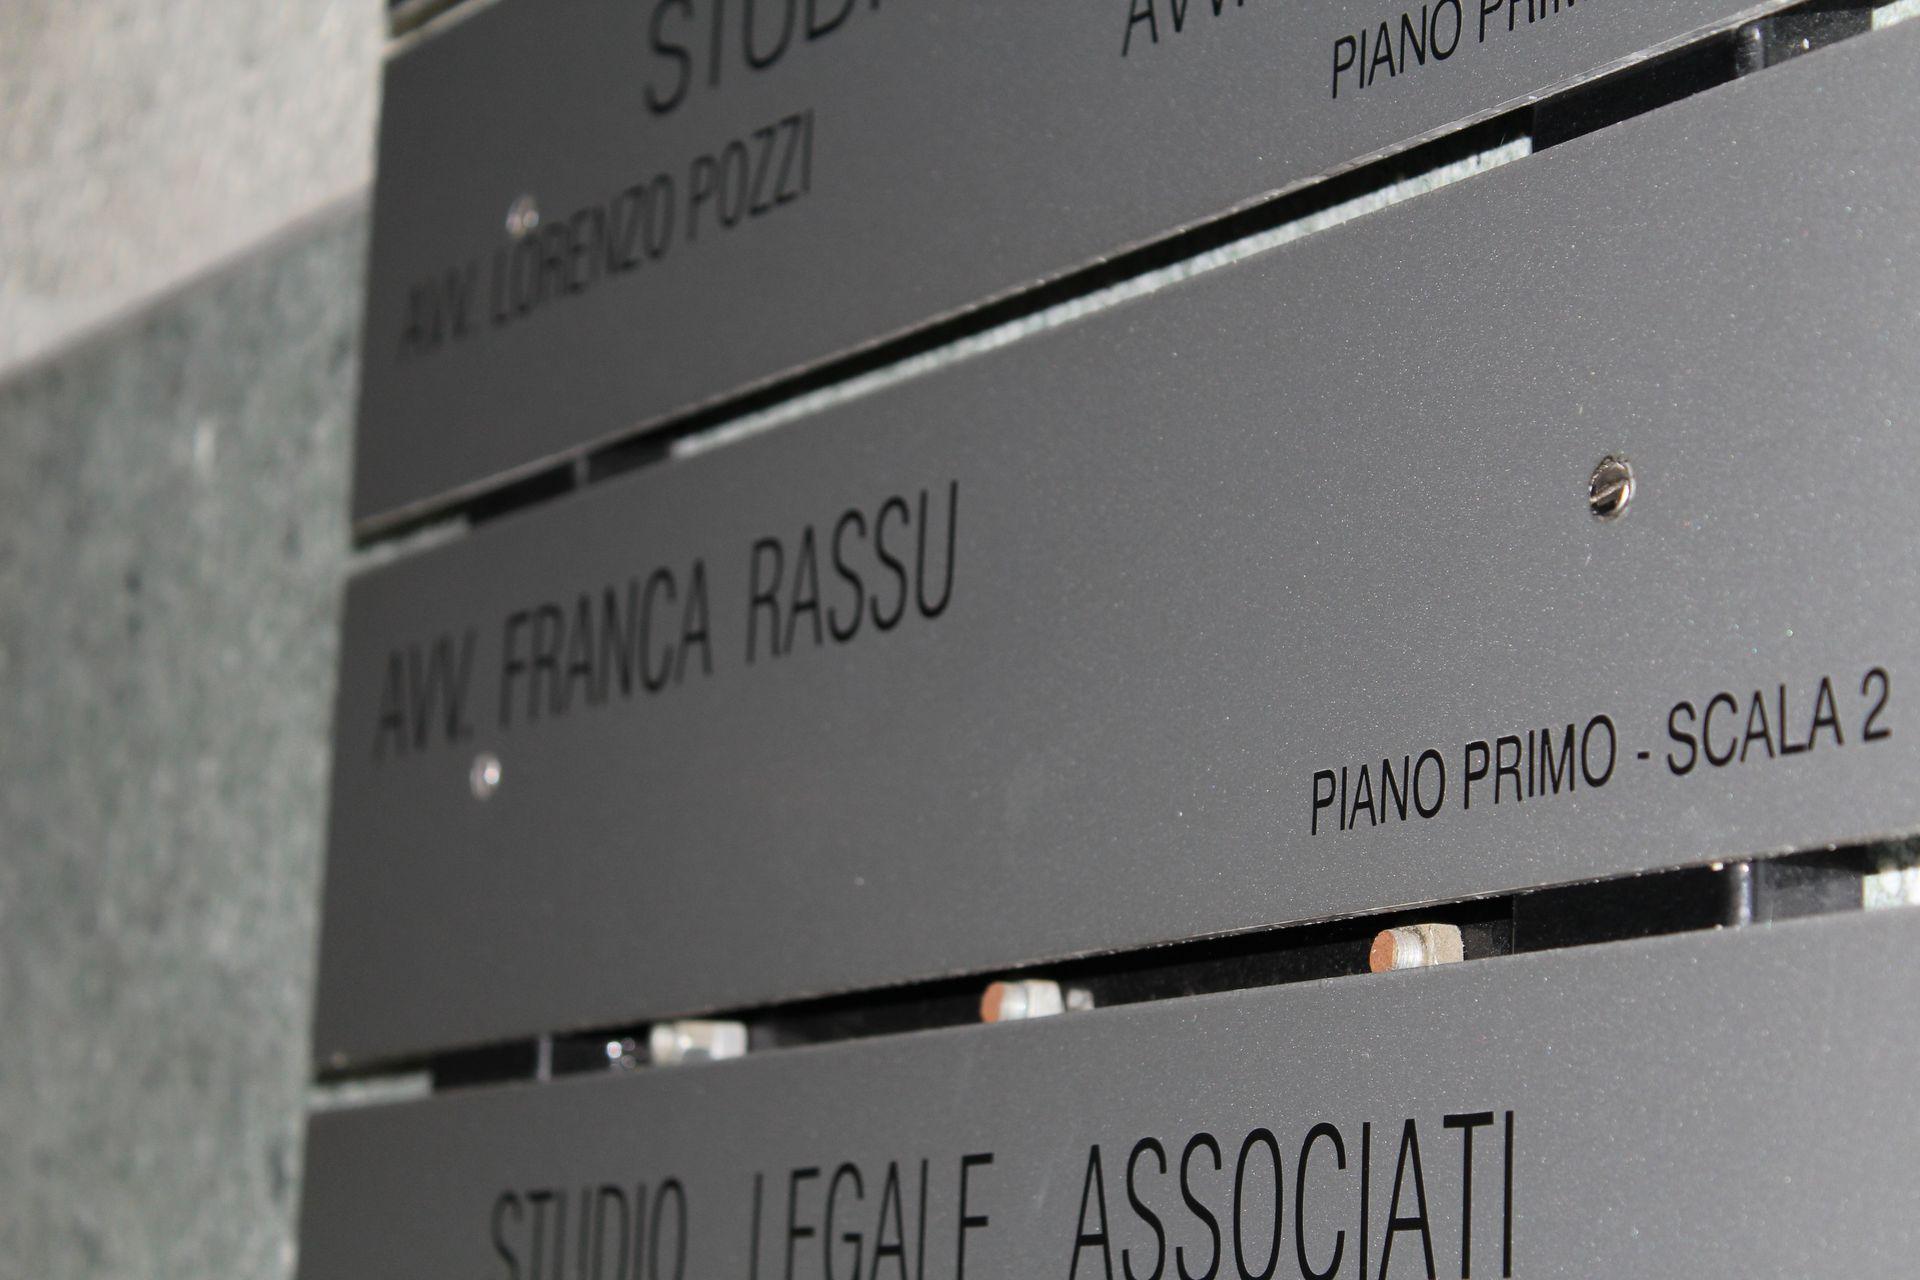 Avvocato Franca Rassu a Como - studio legale